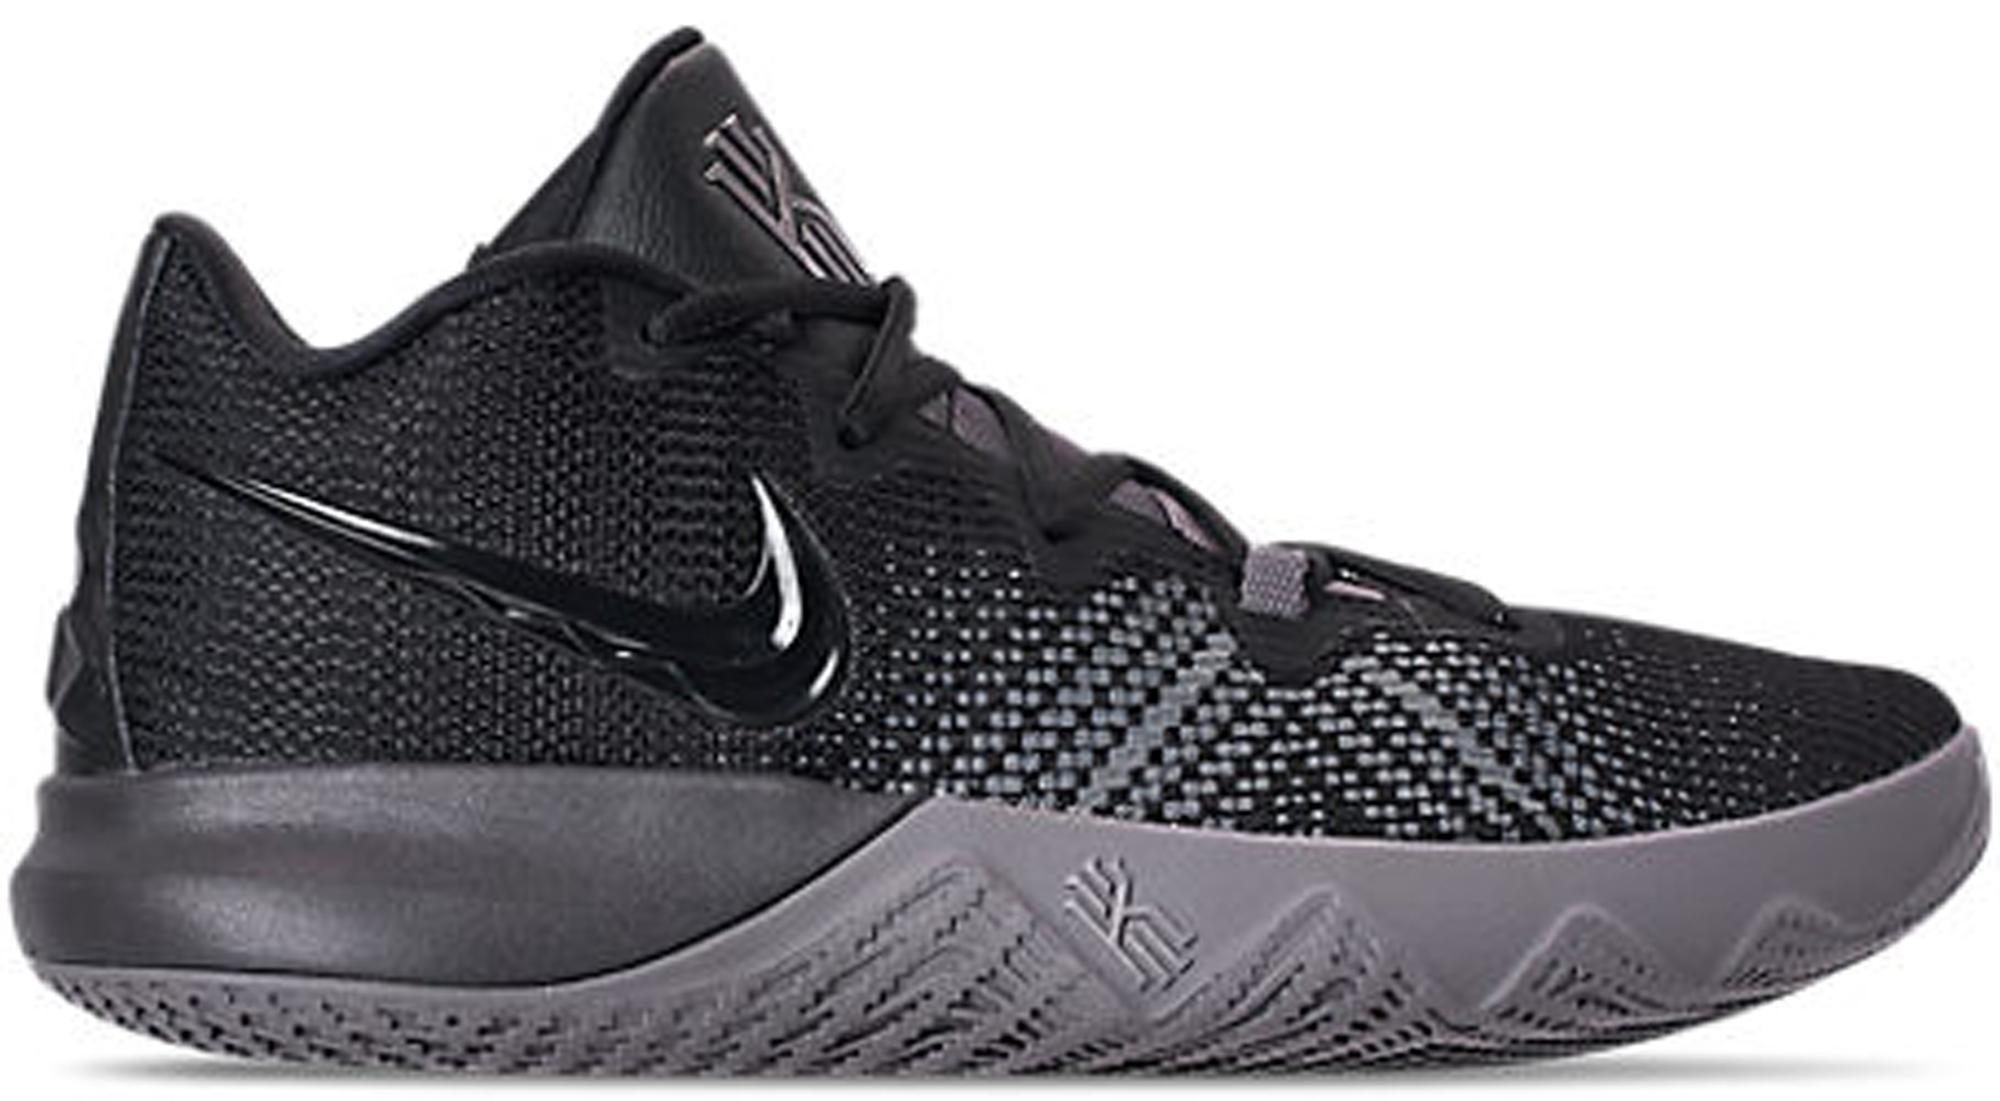 Nike Kyrie Flytrap Black Gunsmoke